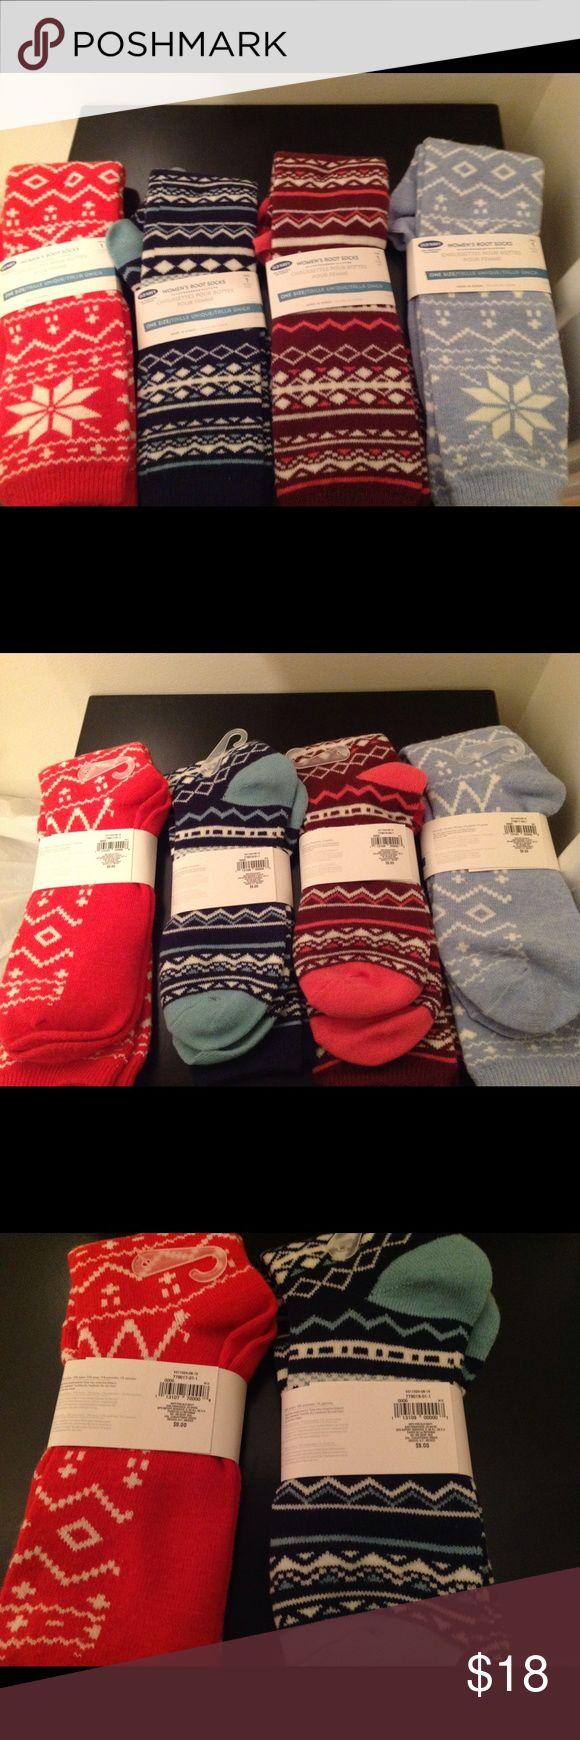 New Old Navy Women's boot socks NEW - 4 pair of socks for $18.  Old Navy Women's boot socks.  Warm and comfortable in super cute colors.  Each pair of socks originally $9 a pair. Old Navy Accessories Hosiery & Socks